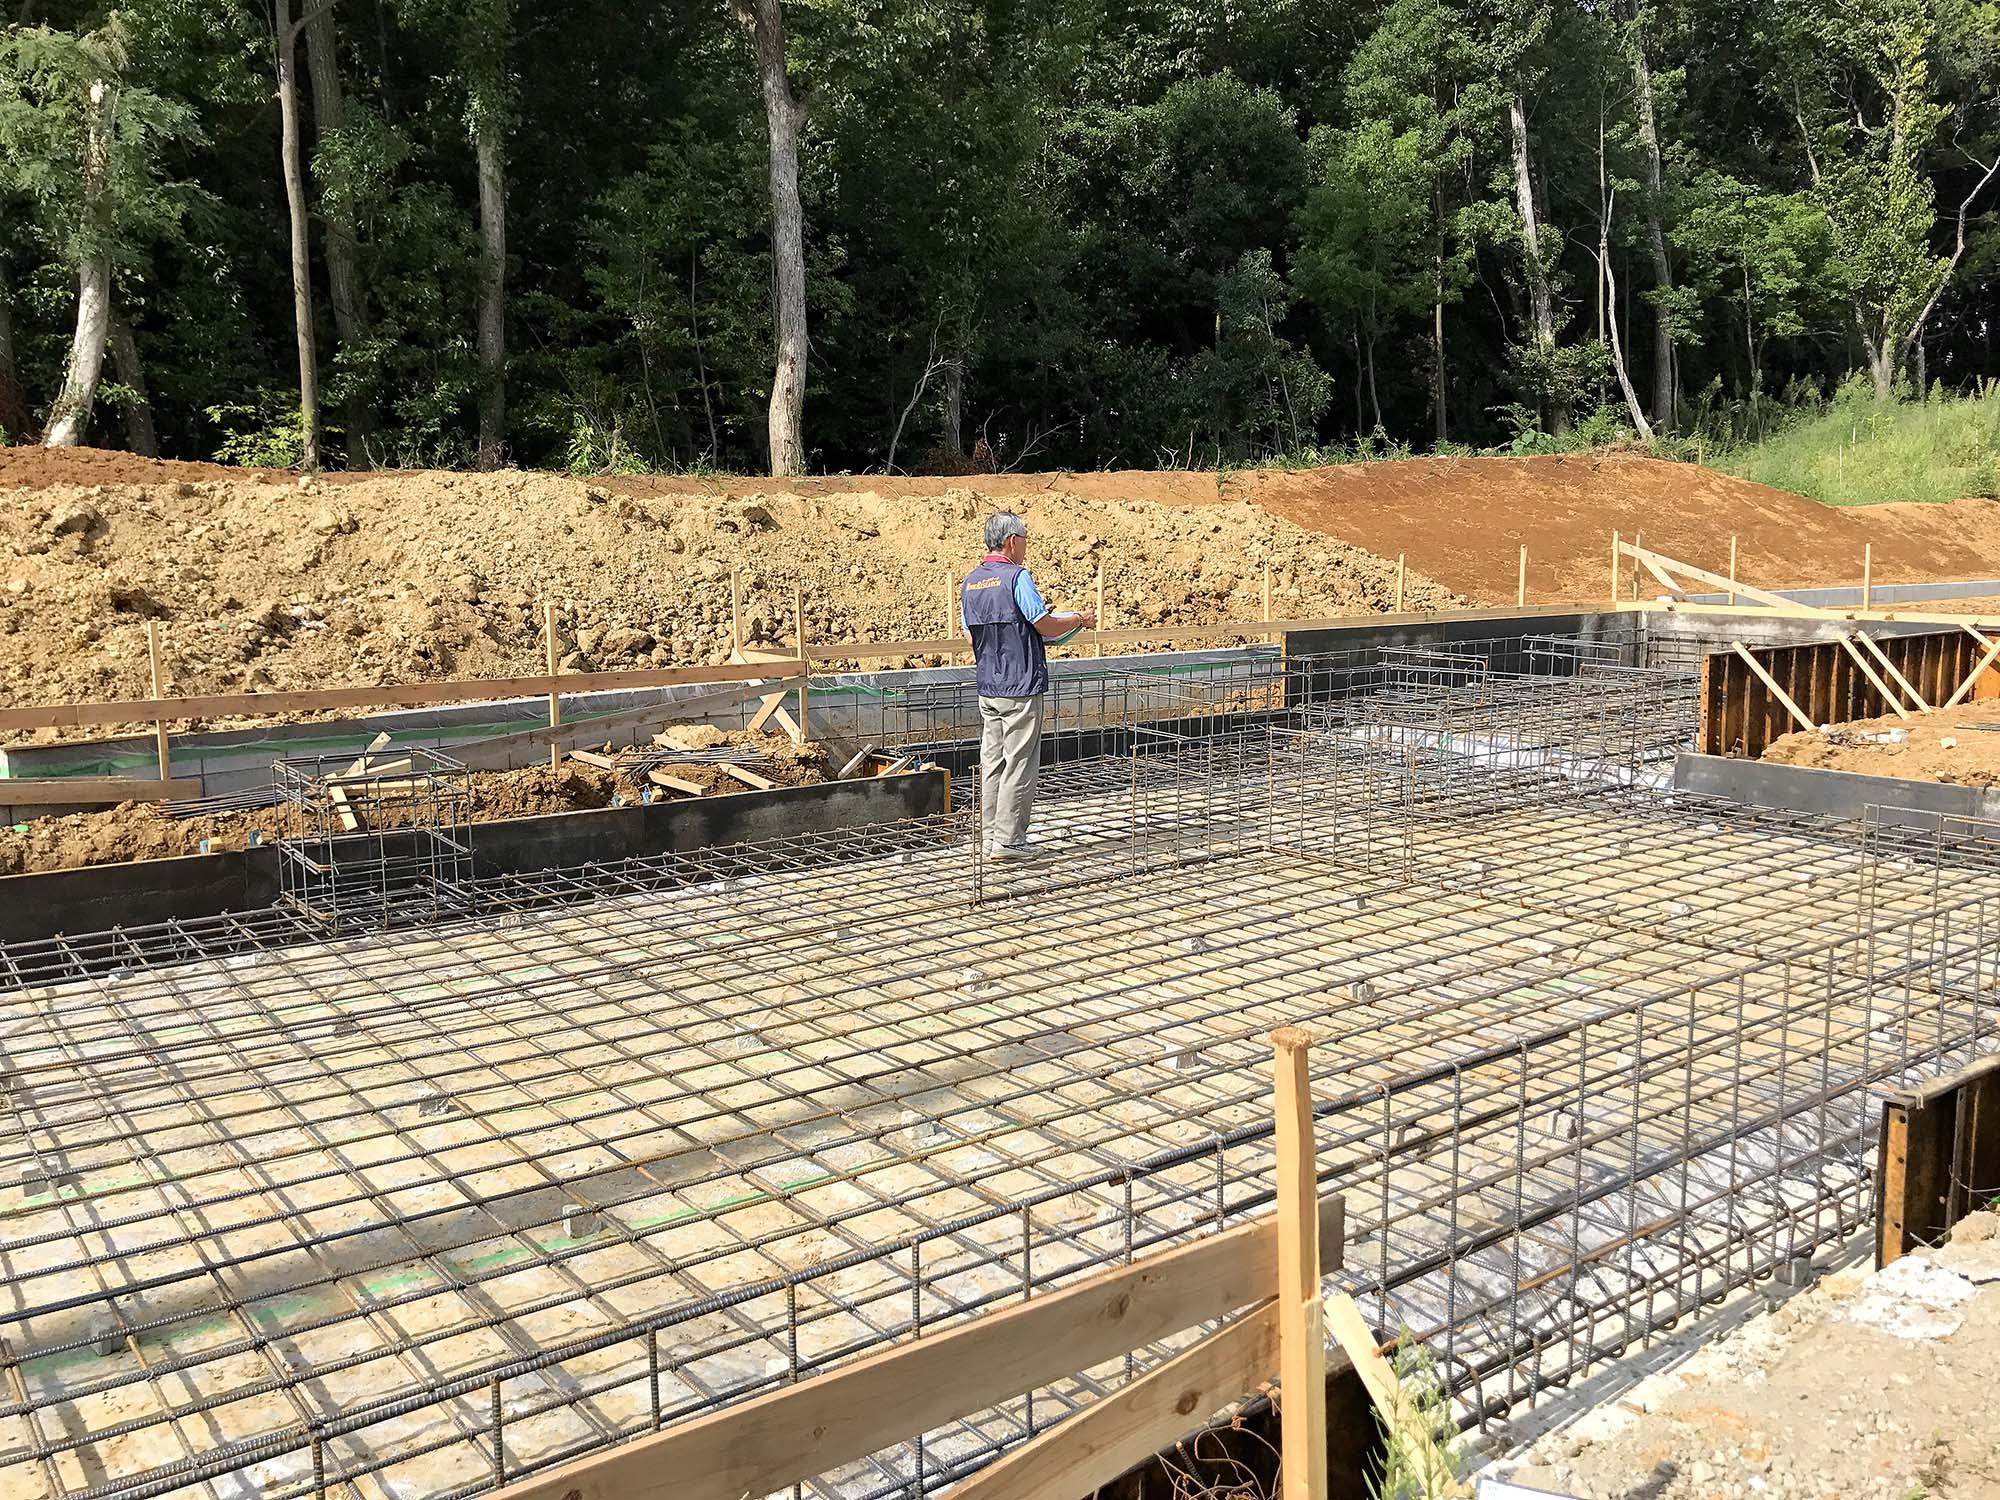 千葉市若葉区Y様邸新築戸建て施工状況2017年9月12日